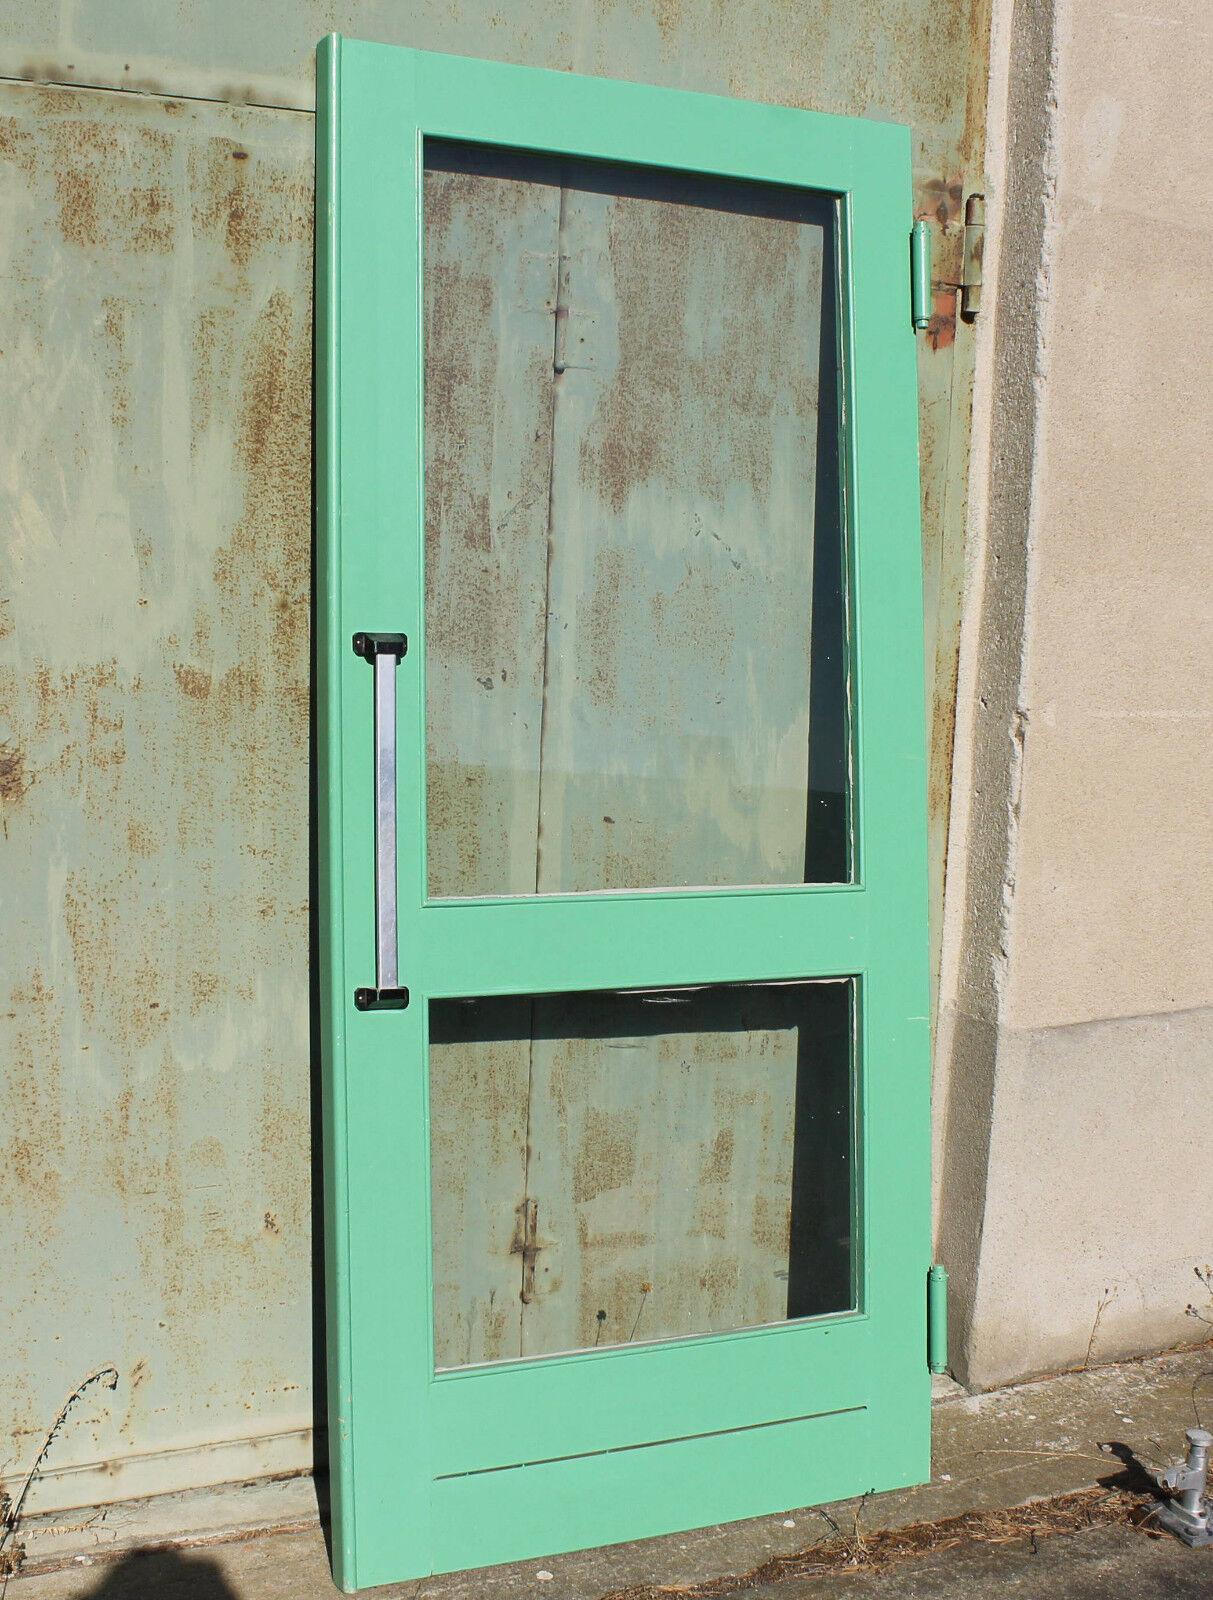 Schwingtür Pendeltür Schwenktür Durchgangstür Küchentür Tür Grün 222x101x3,8